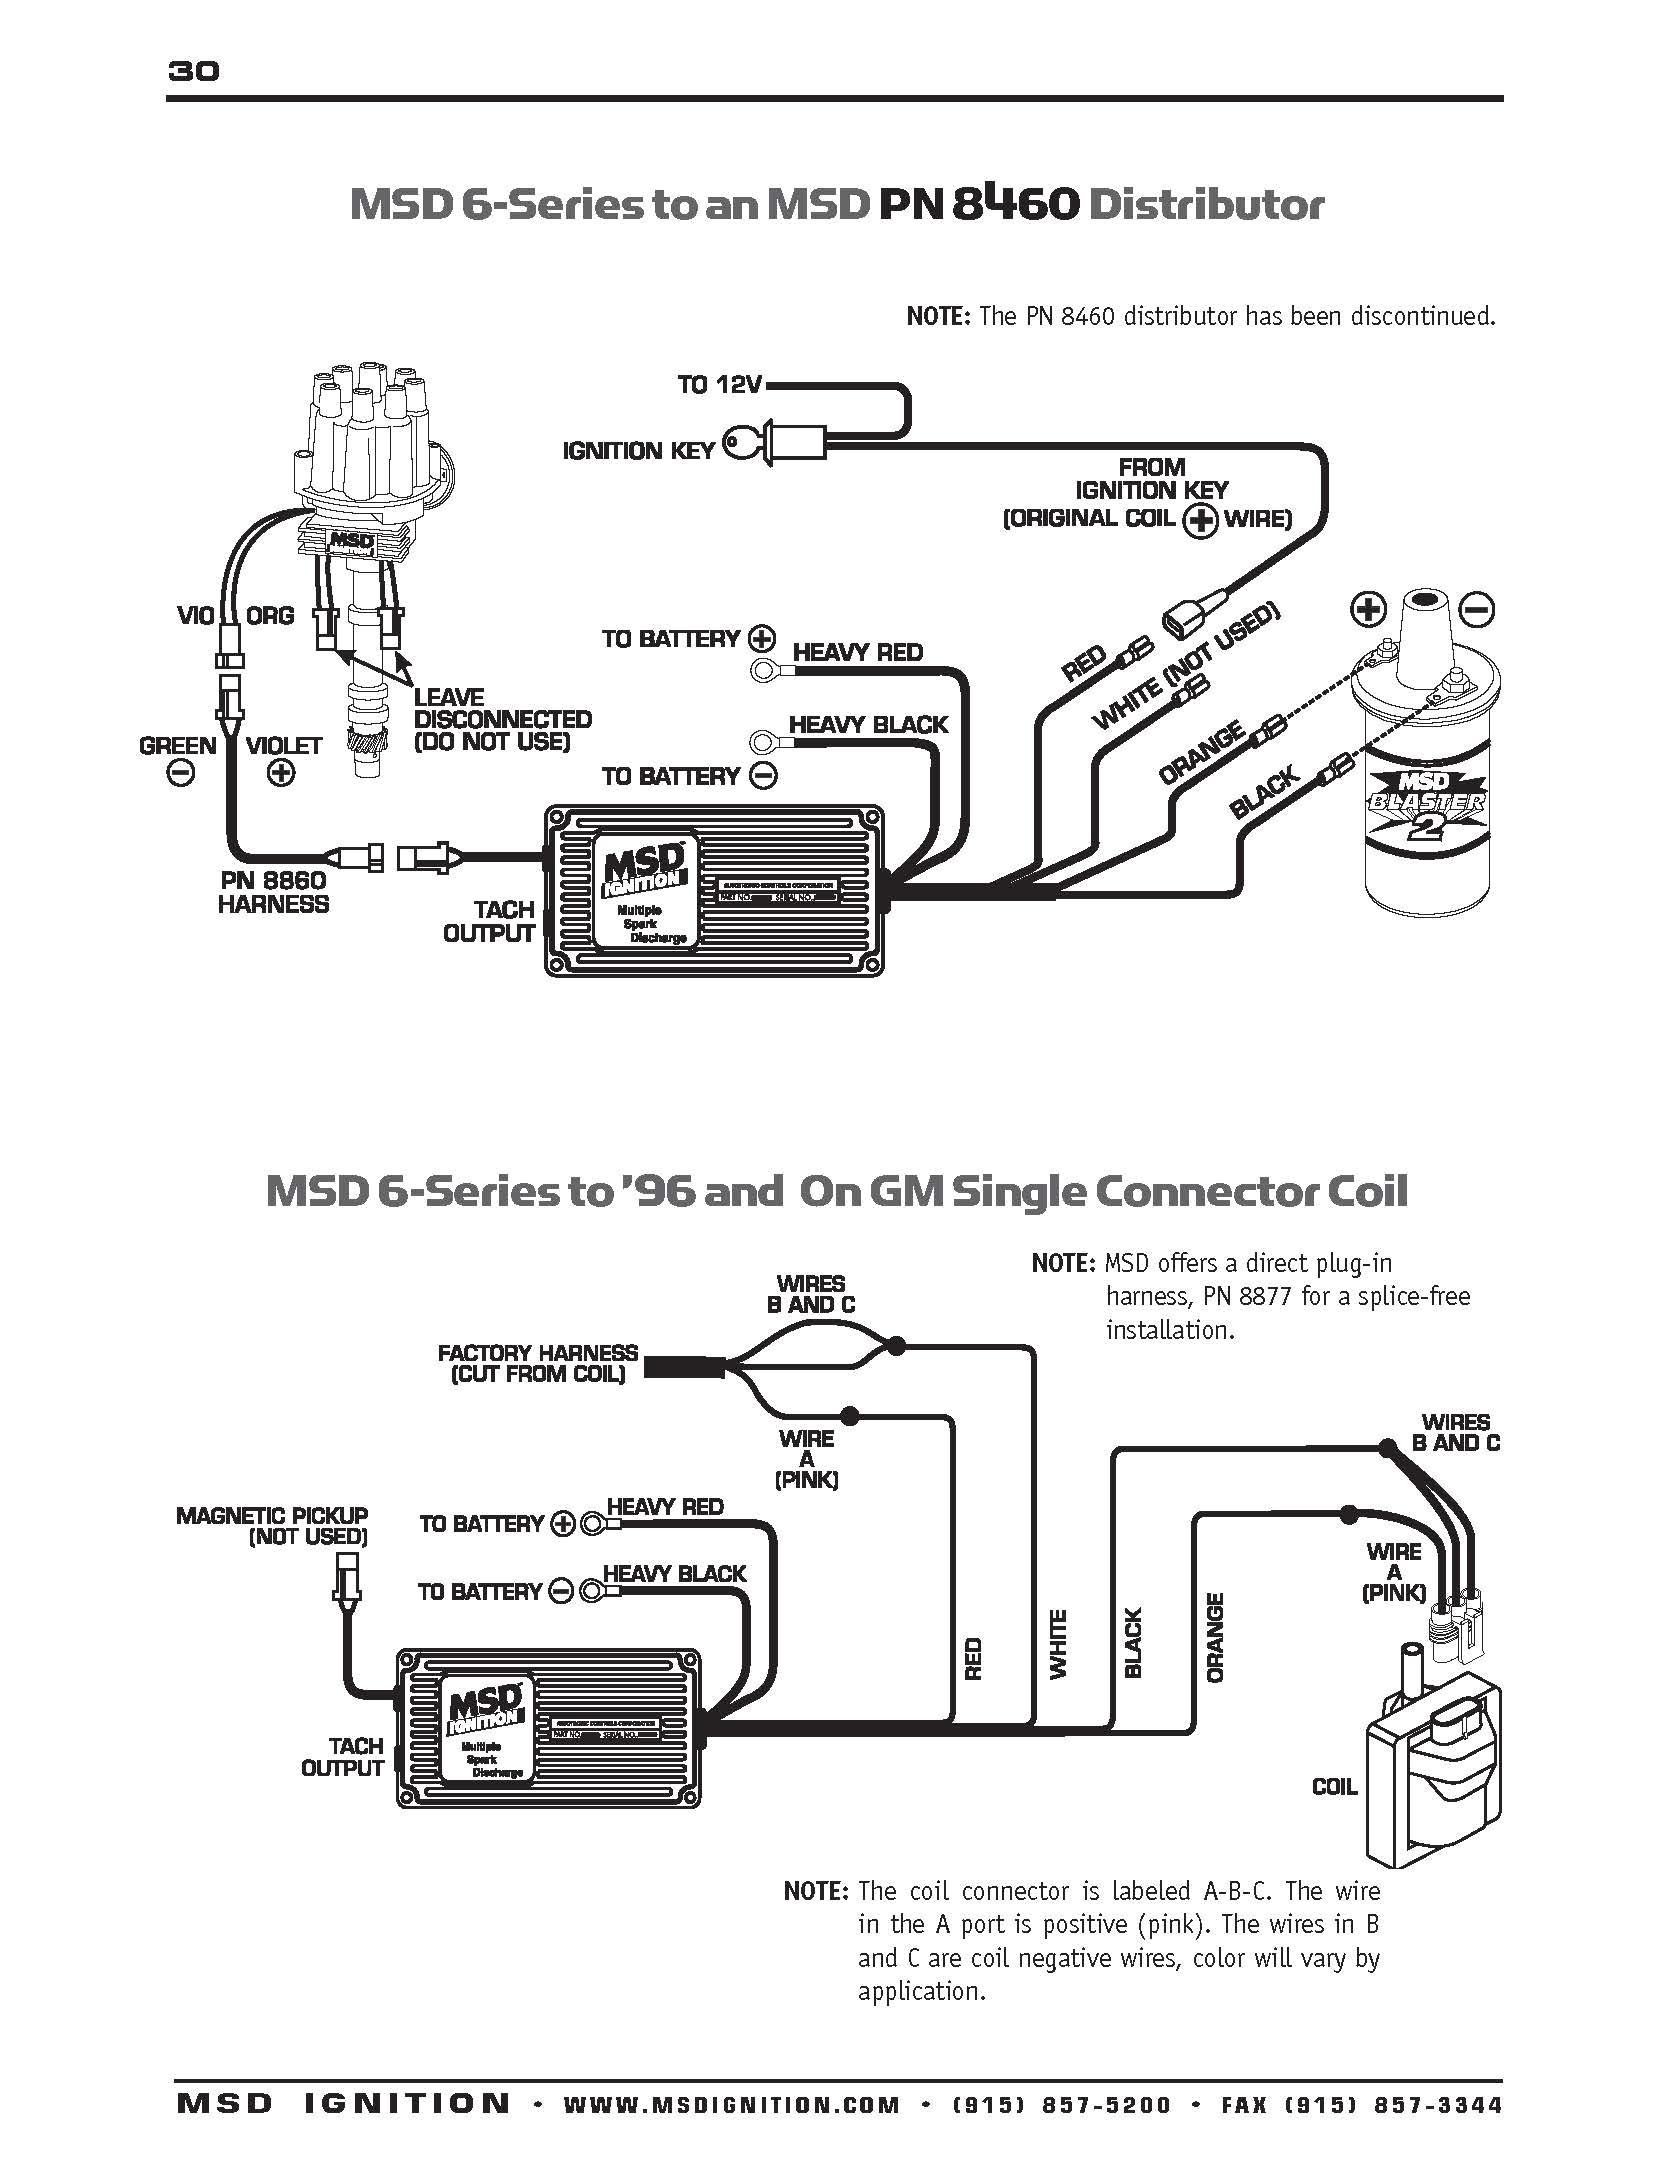 msd wiring diagram diagram data schemamsd wiring diagram